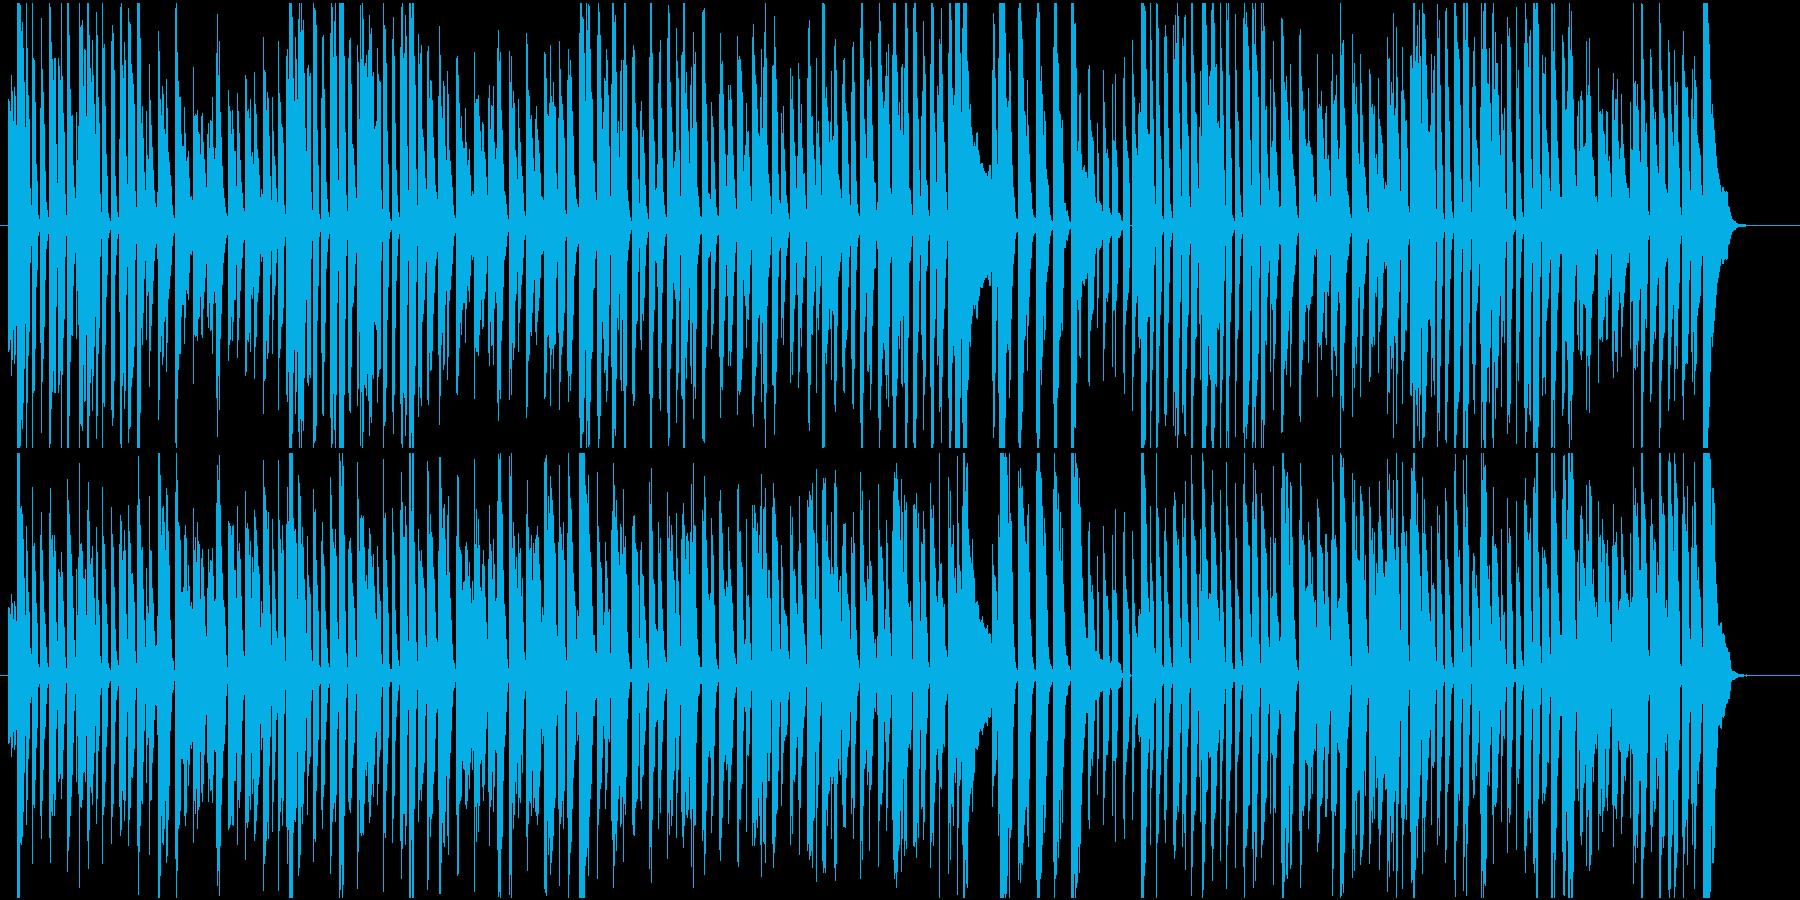 ヒロイン達と会話してる昼間的な日常BGMの再生済みの波形